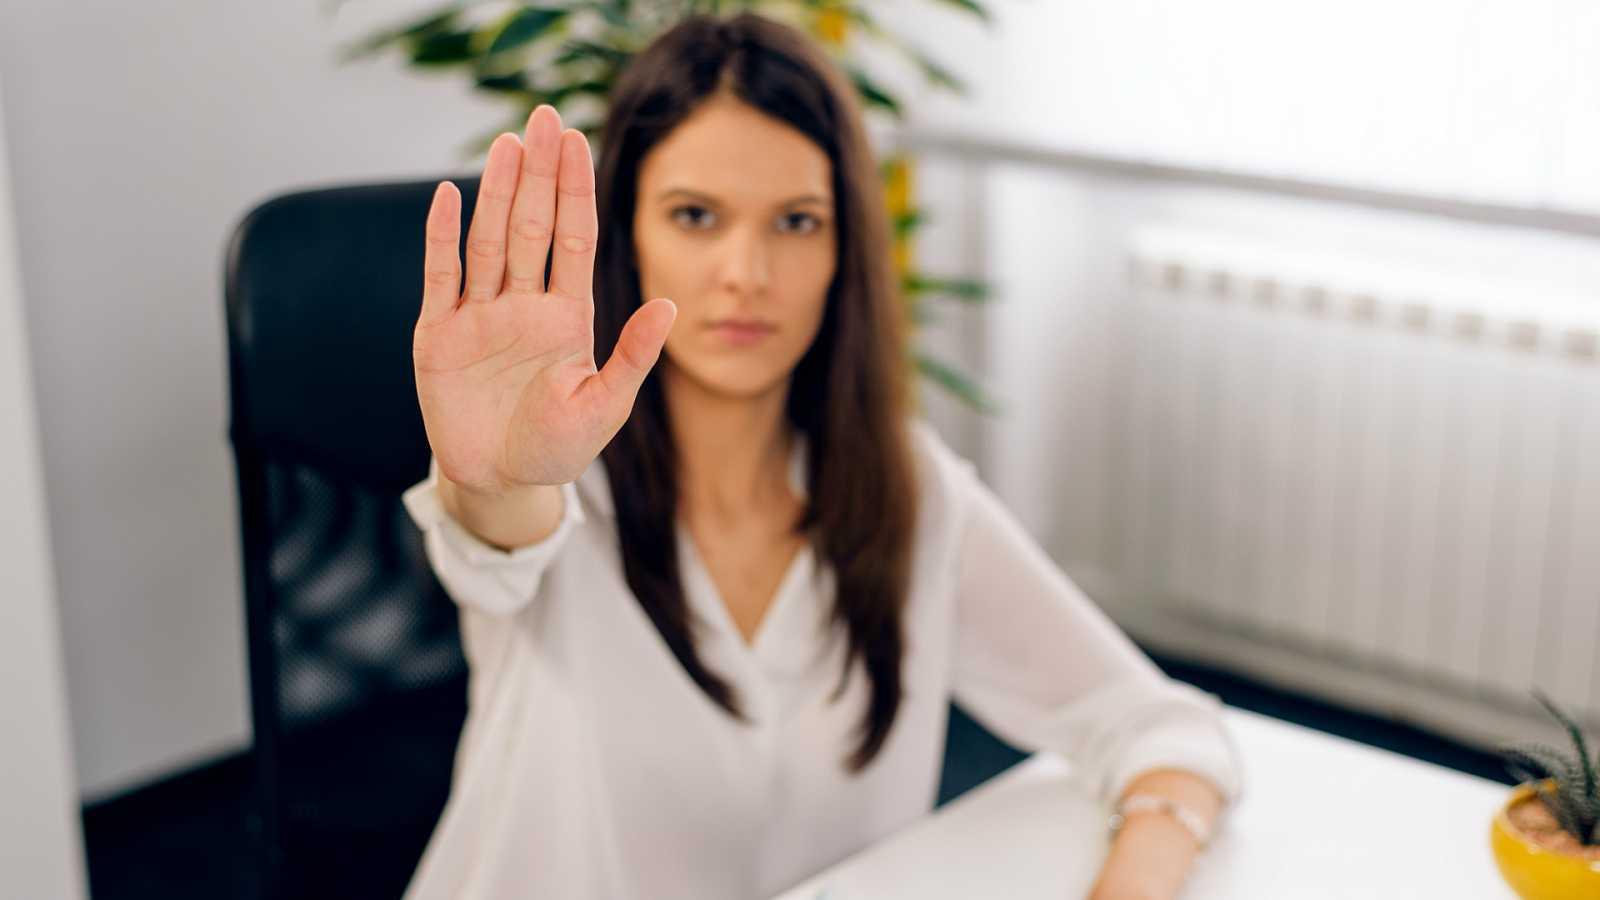 Diez minutos bien empleados - Las migajas del empleo - 02/12/19 - Escuchar ahora